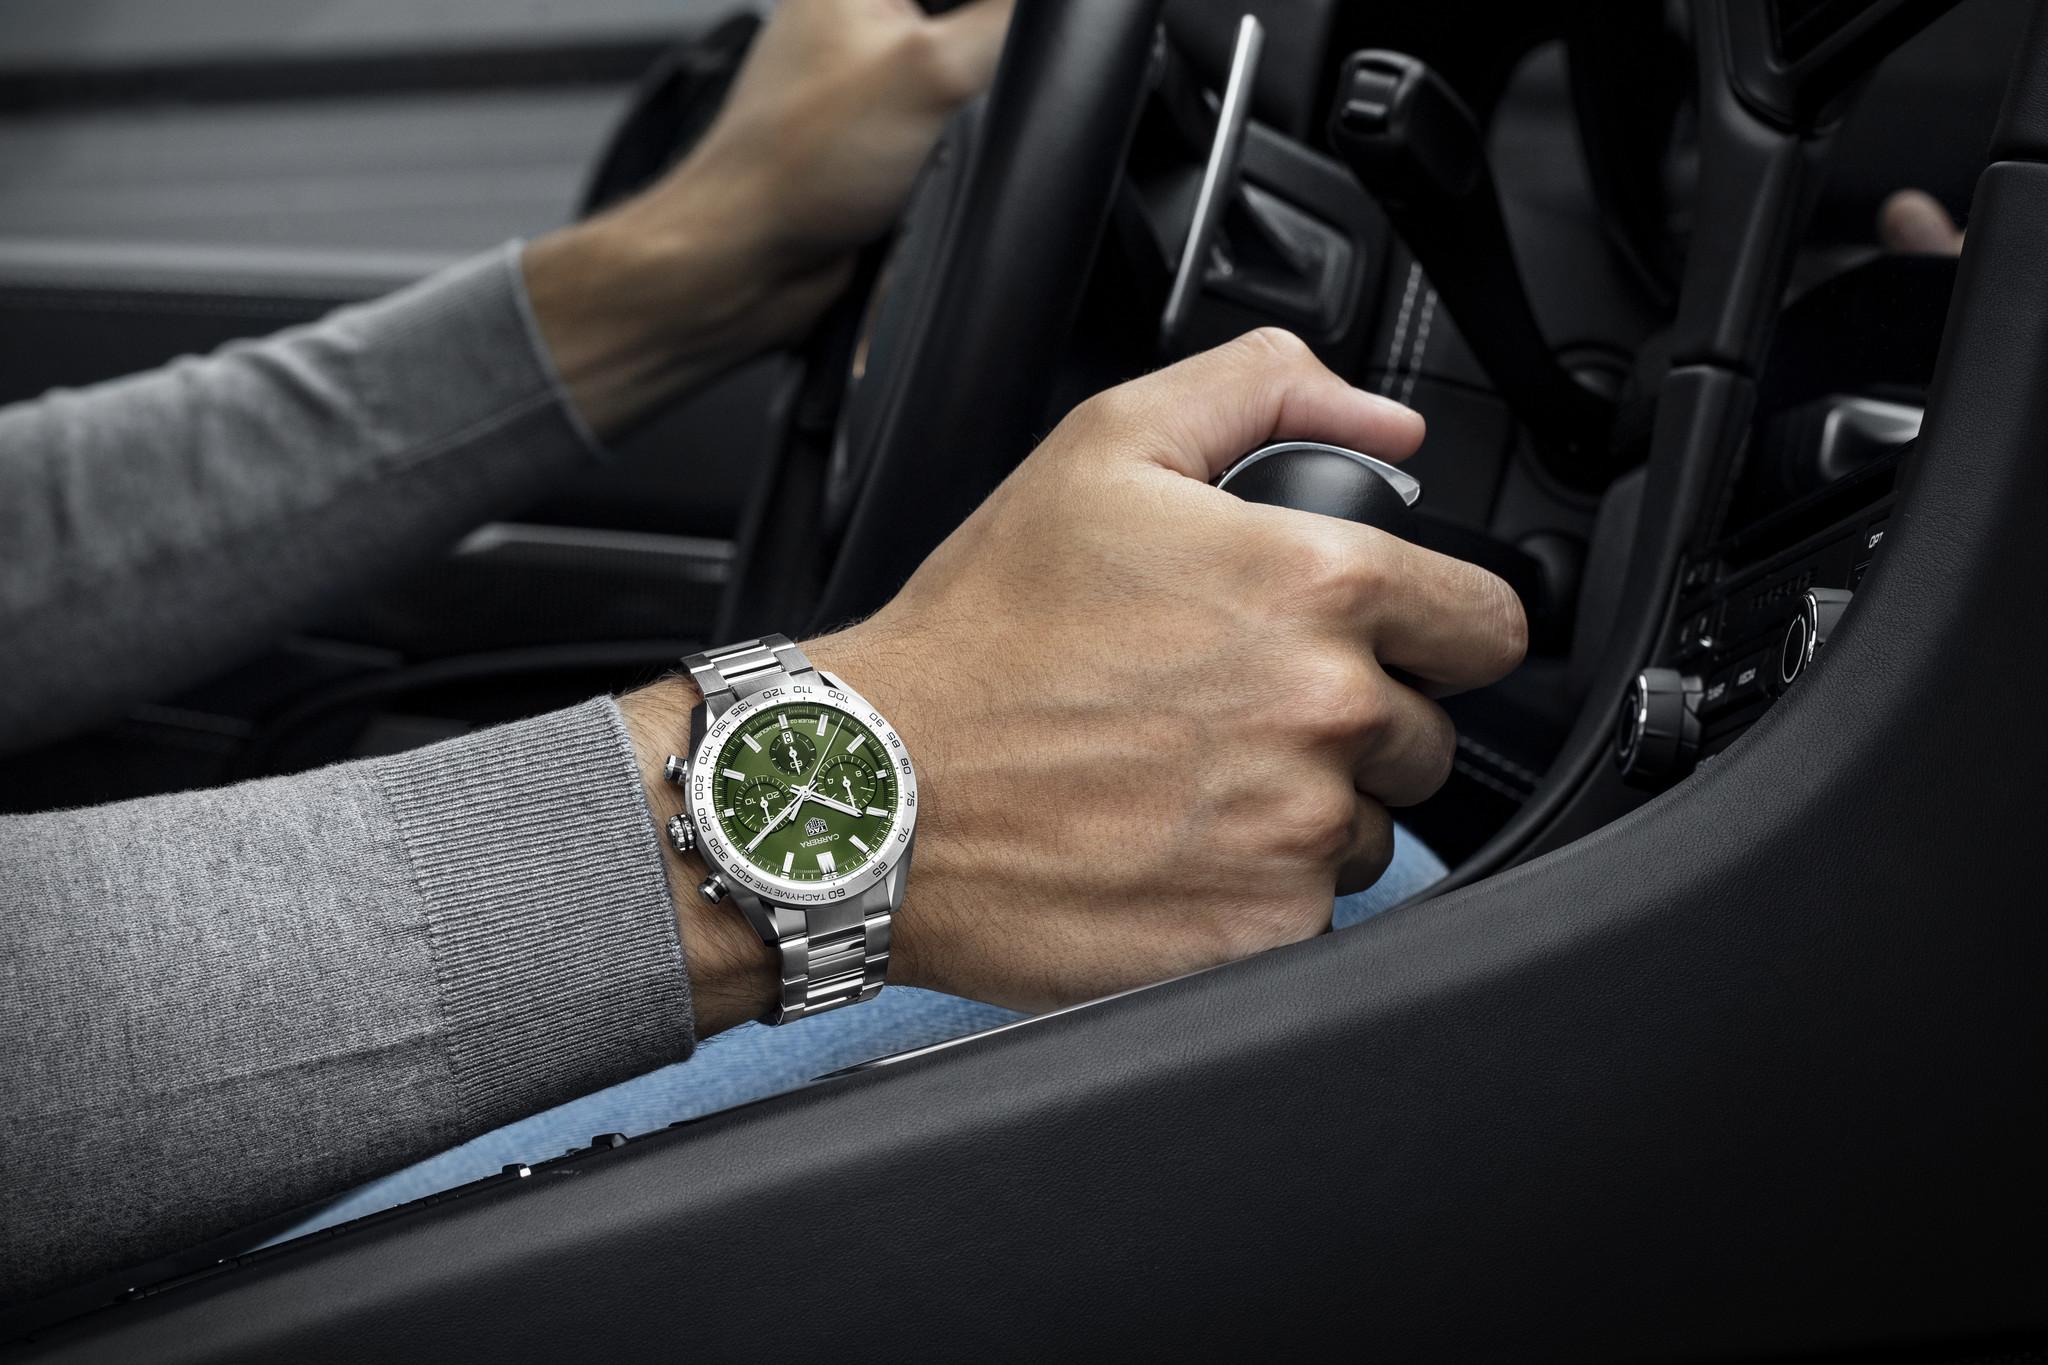 Ontdek de TAG Heuer Carrera Chronograph! Welke kleur is jouw favoriet?